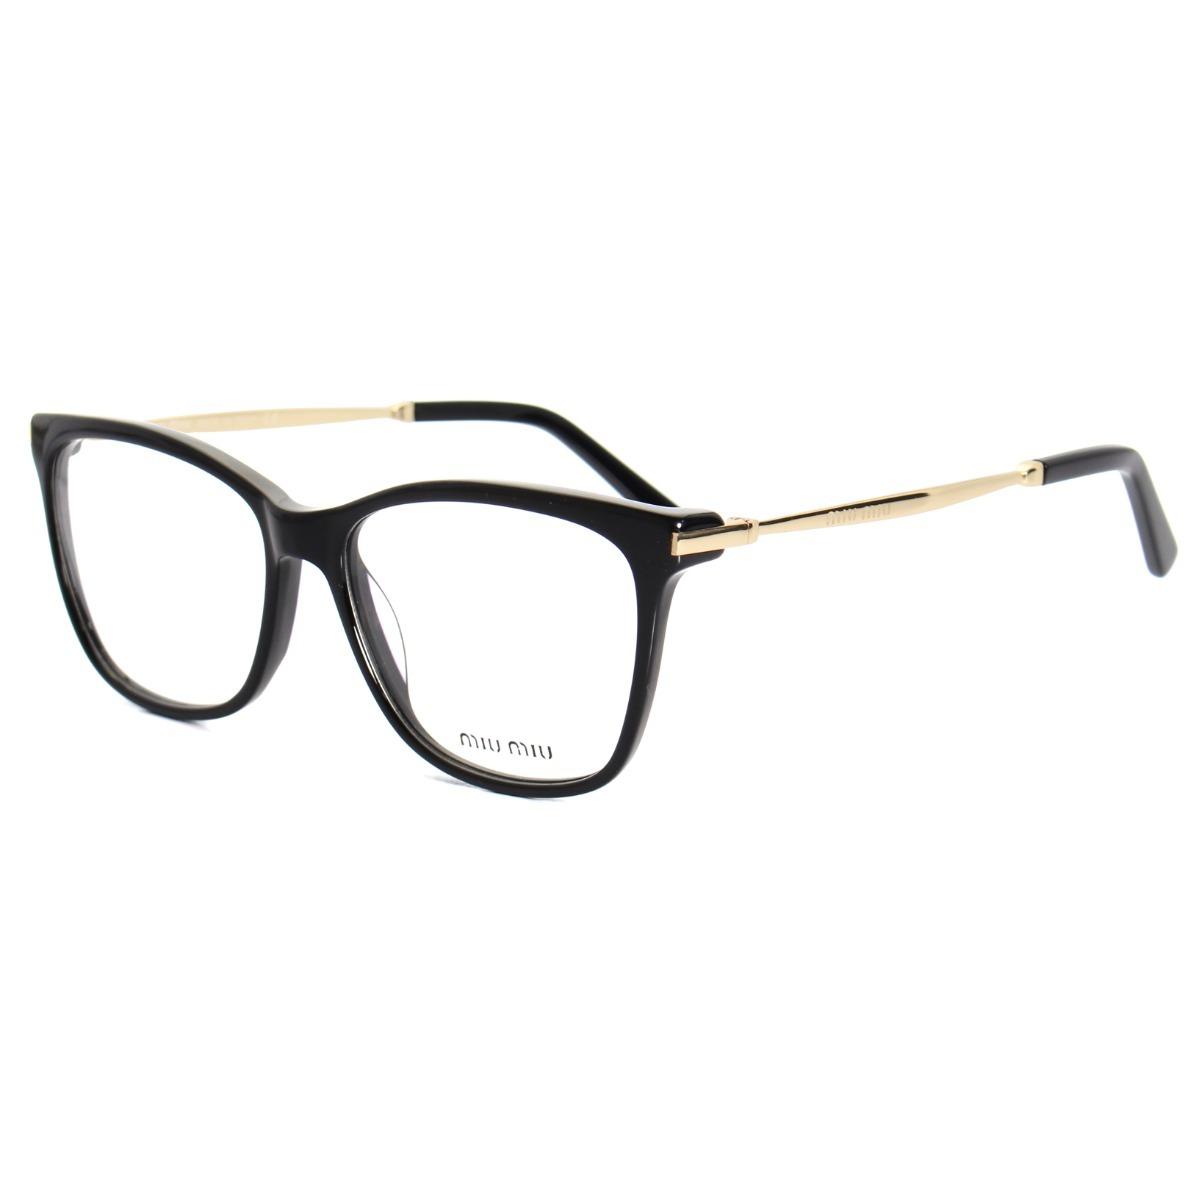 Armação Oculos De Grau Mm Vmu06p Frete Gratis - R  120,00 em Mercado ... 469bcb69c5